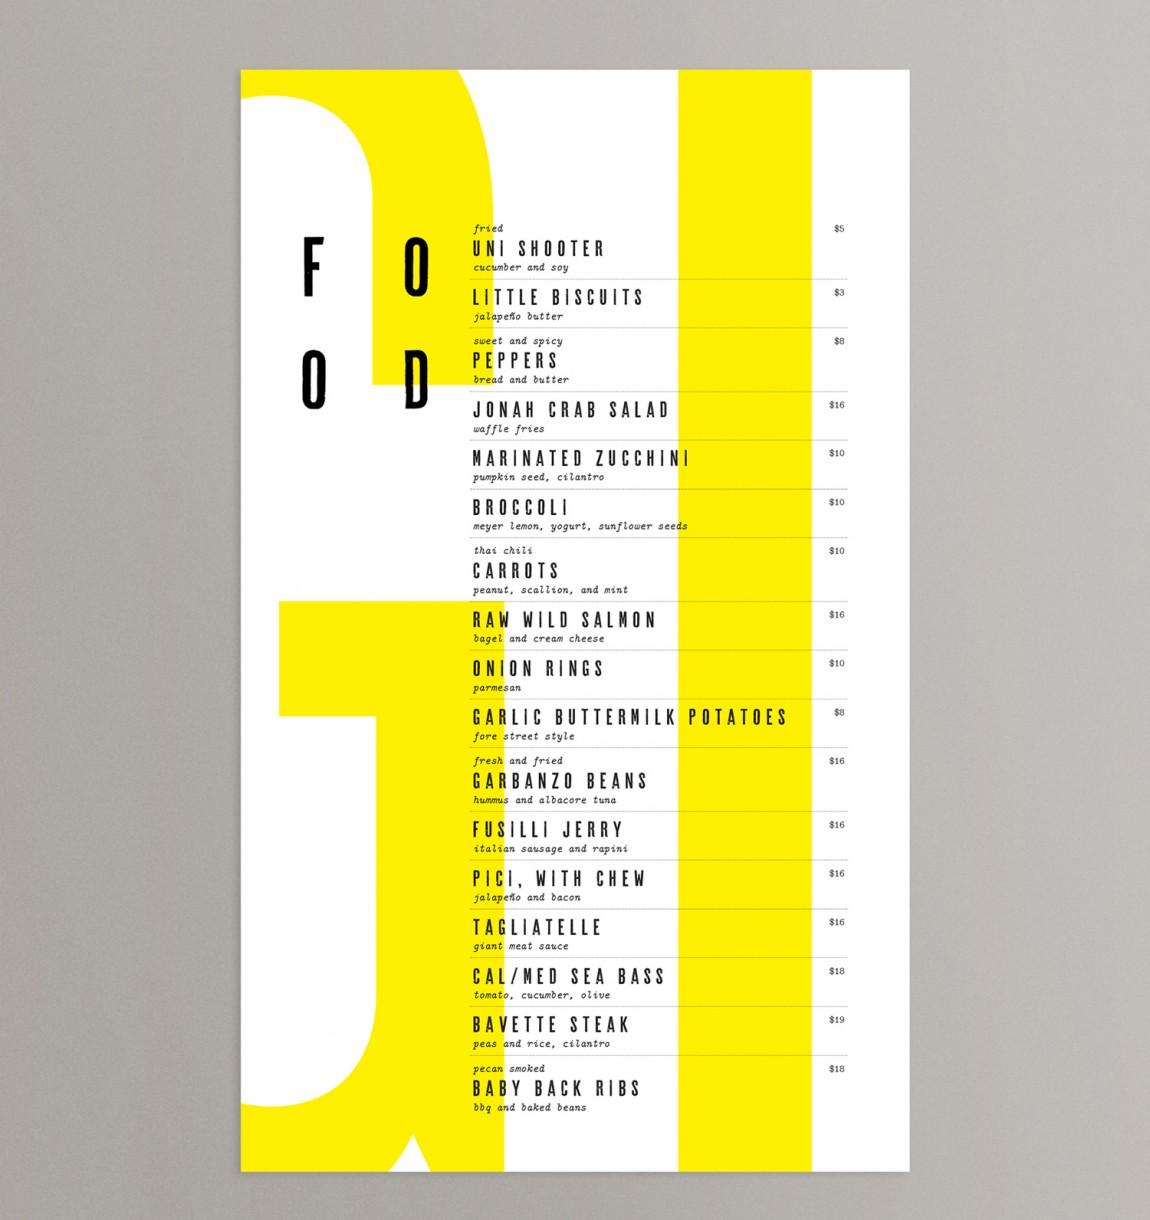 Giant概念餐厅品牌设计, 市场推广设计